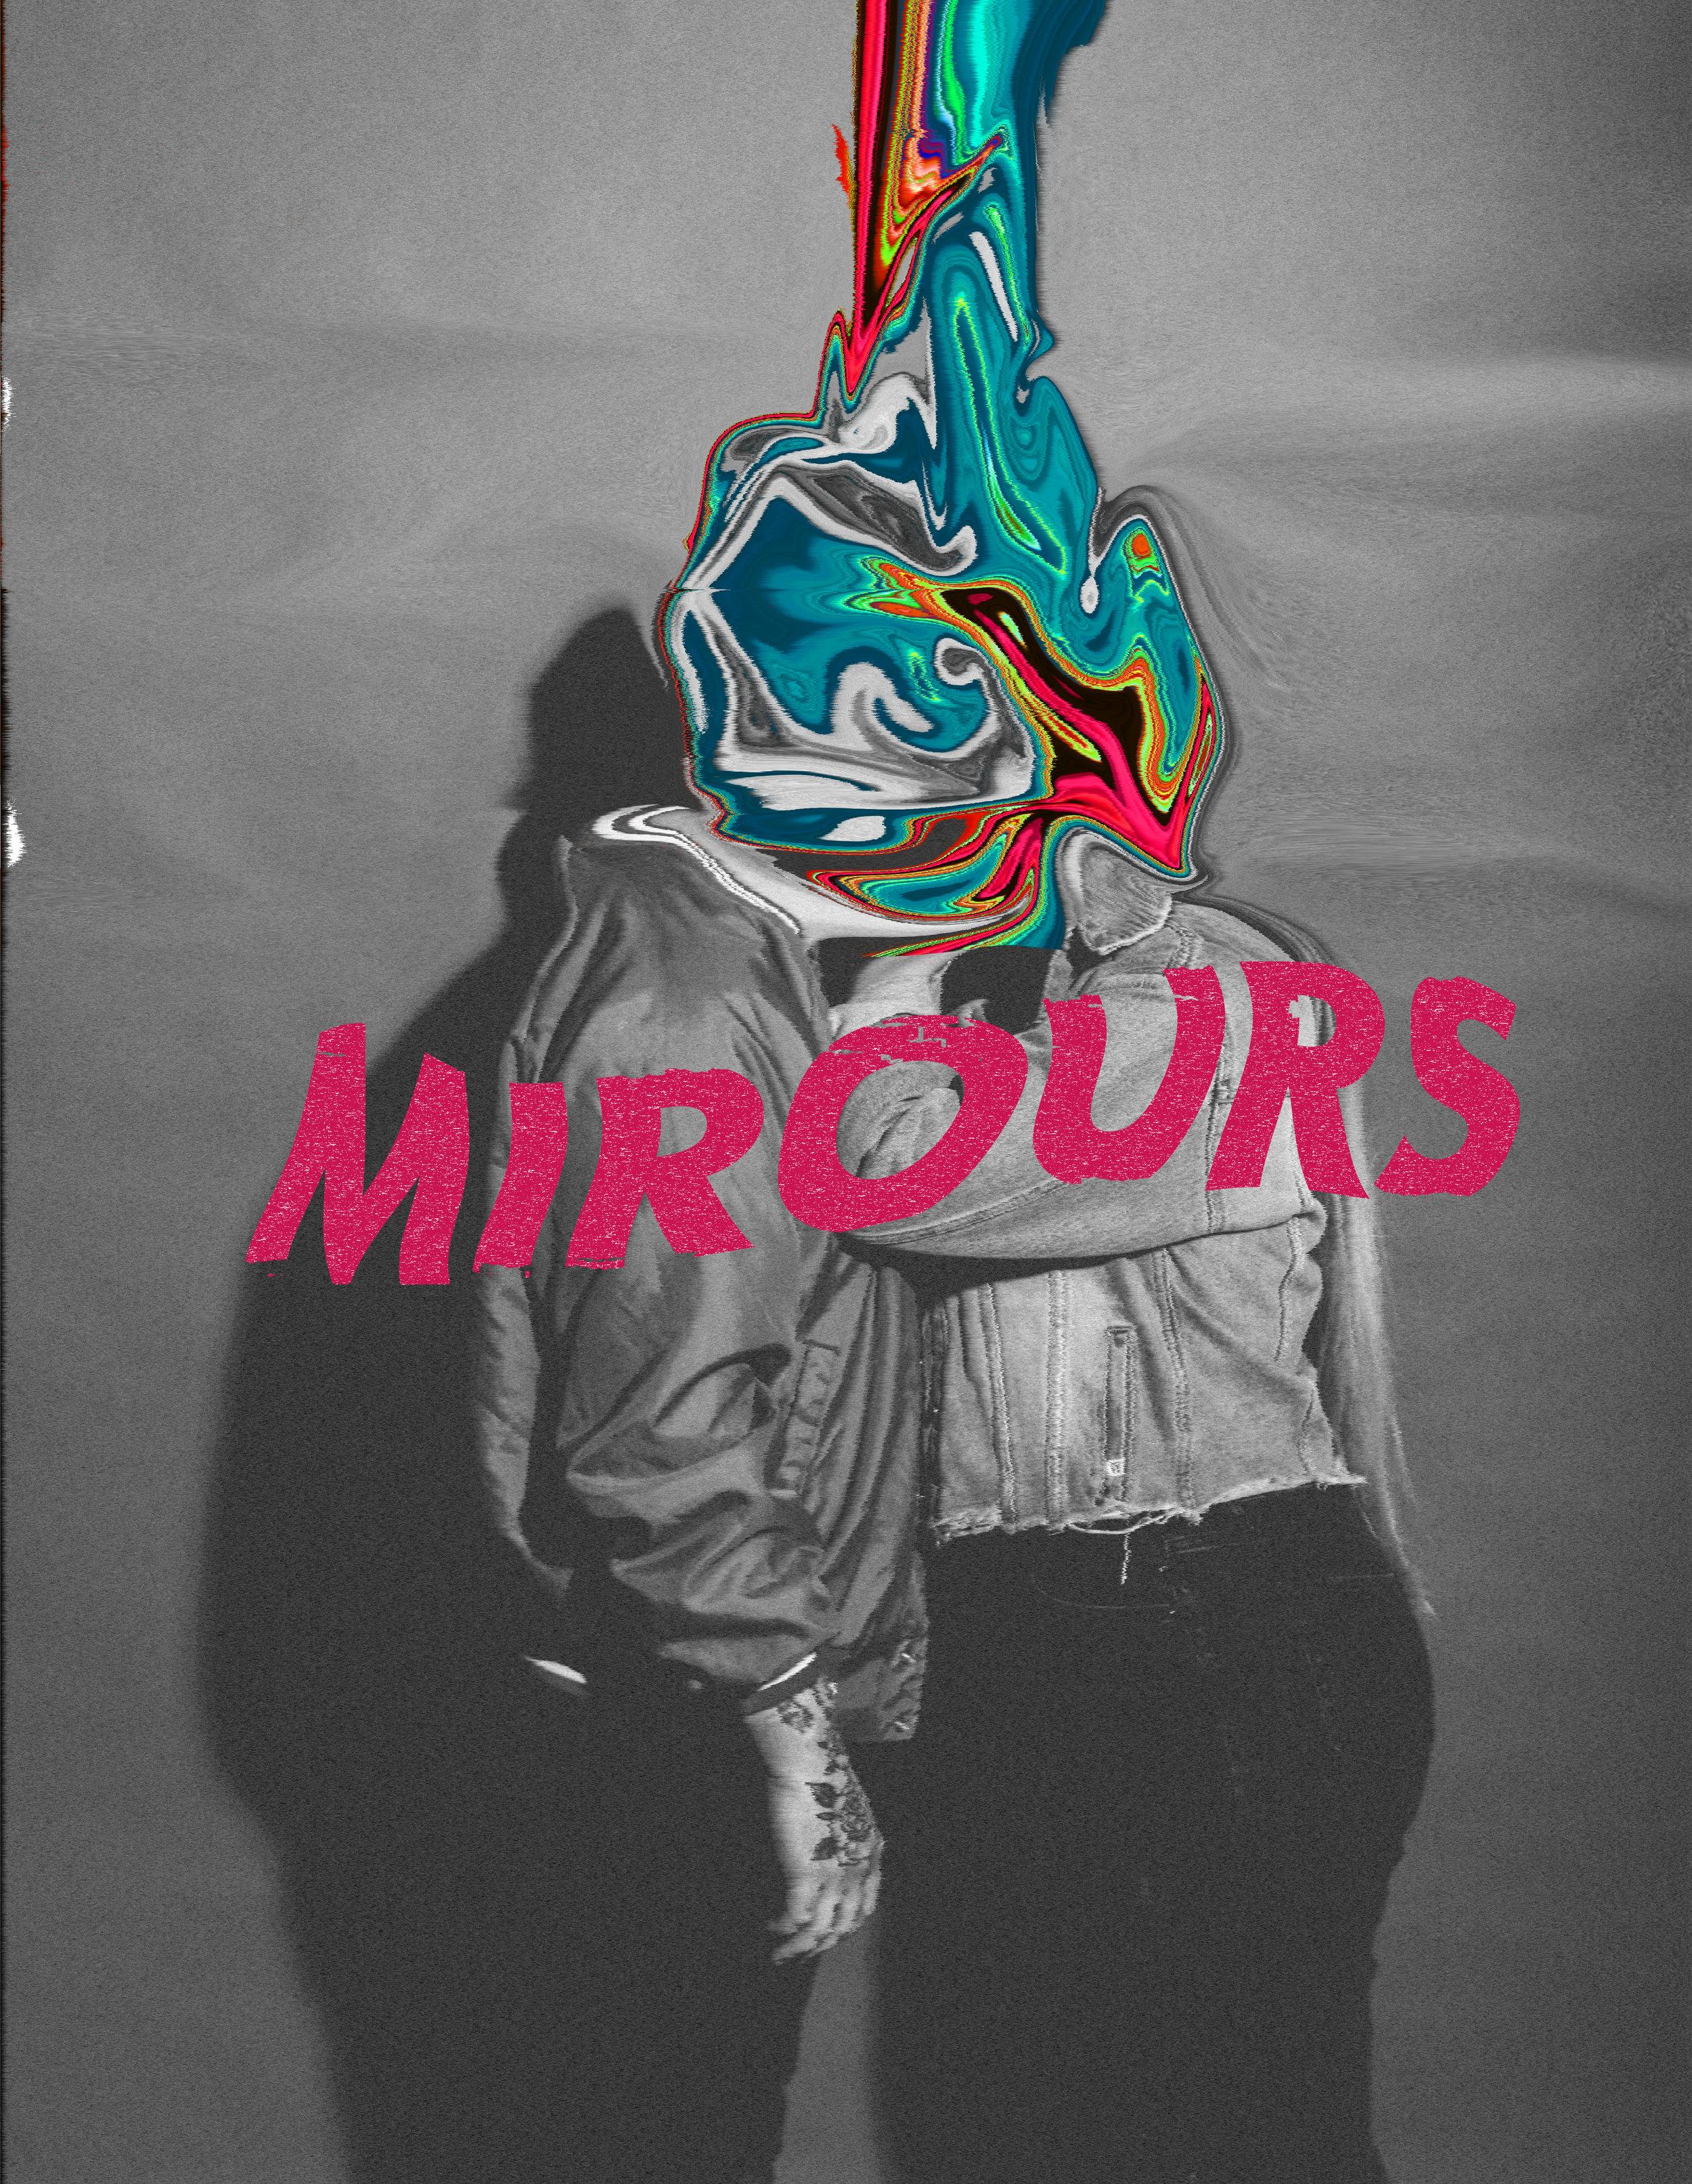 2019_Mirours_Day1_1060_glitch.jpg